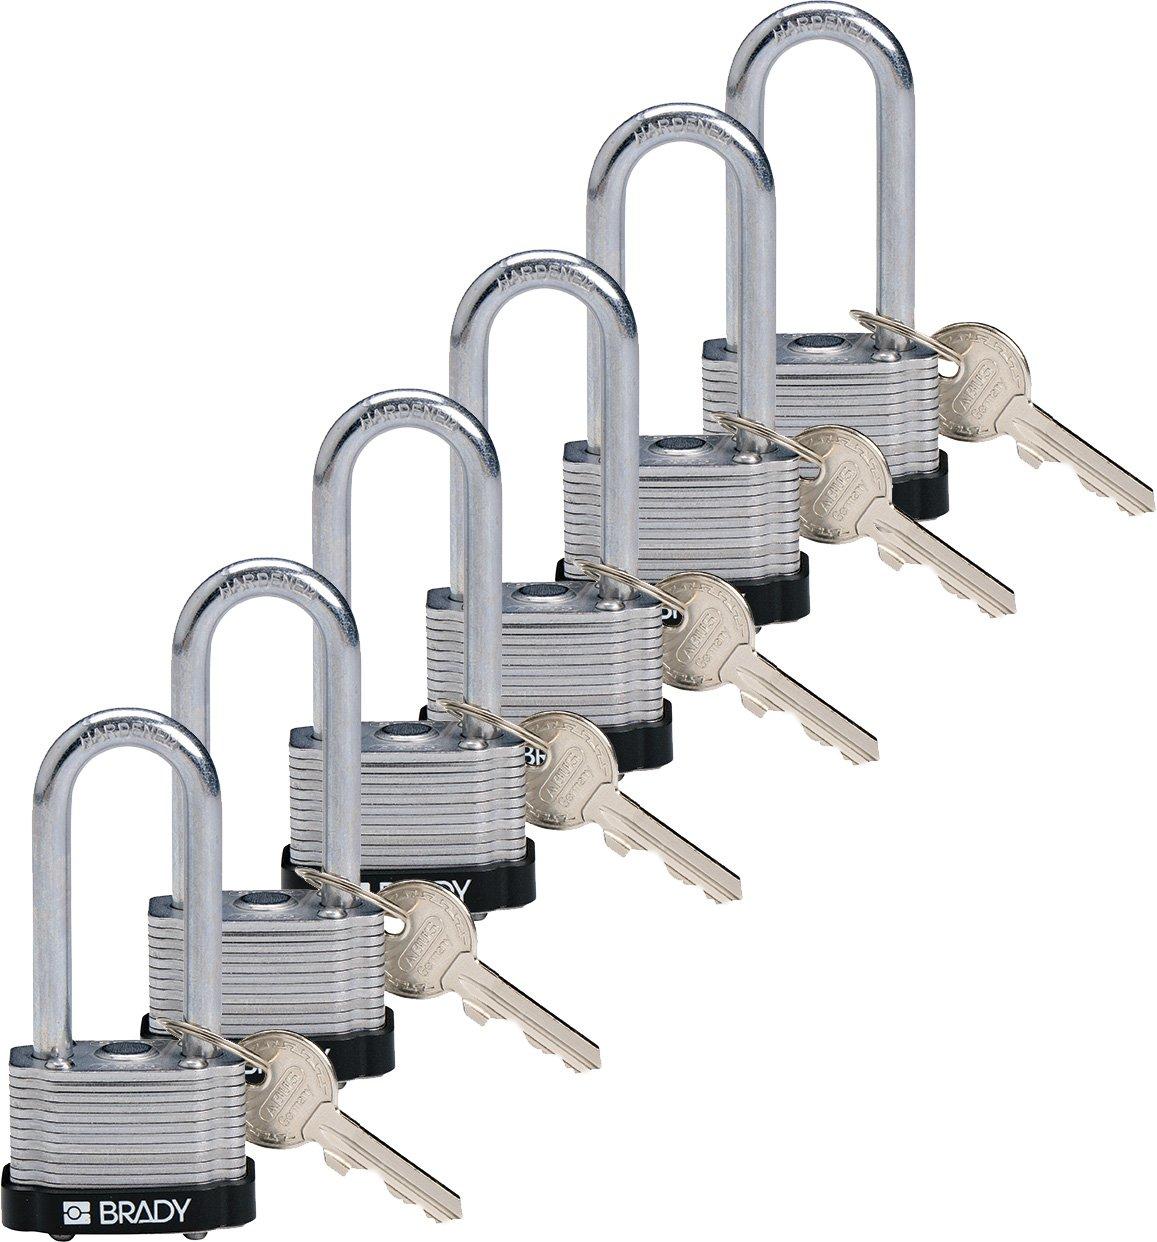 Brady 118972 Black, Key Retaining Steel PadLock - 2'' Shackle - Keyed Alike (6 Locks)